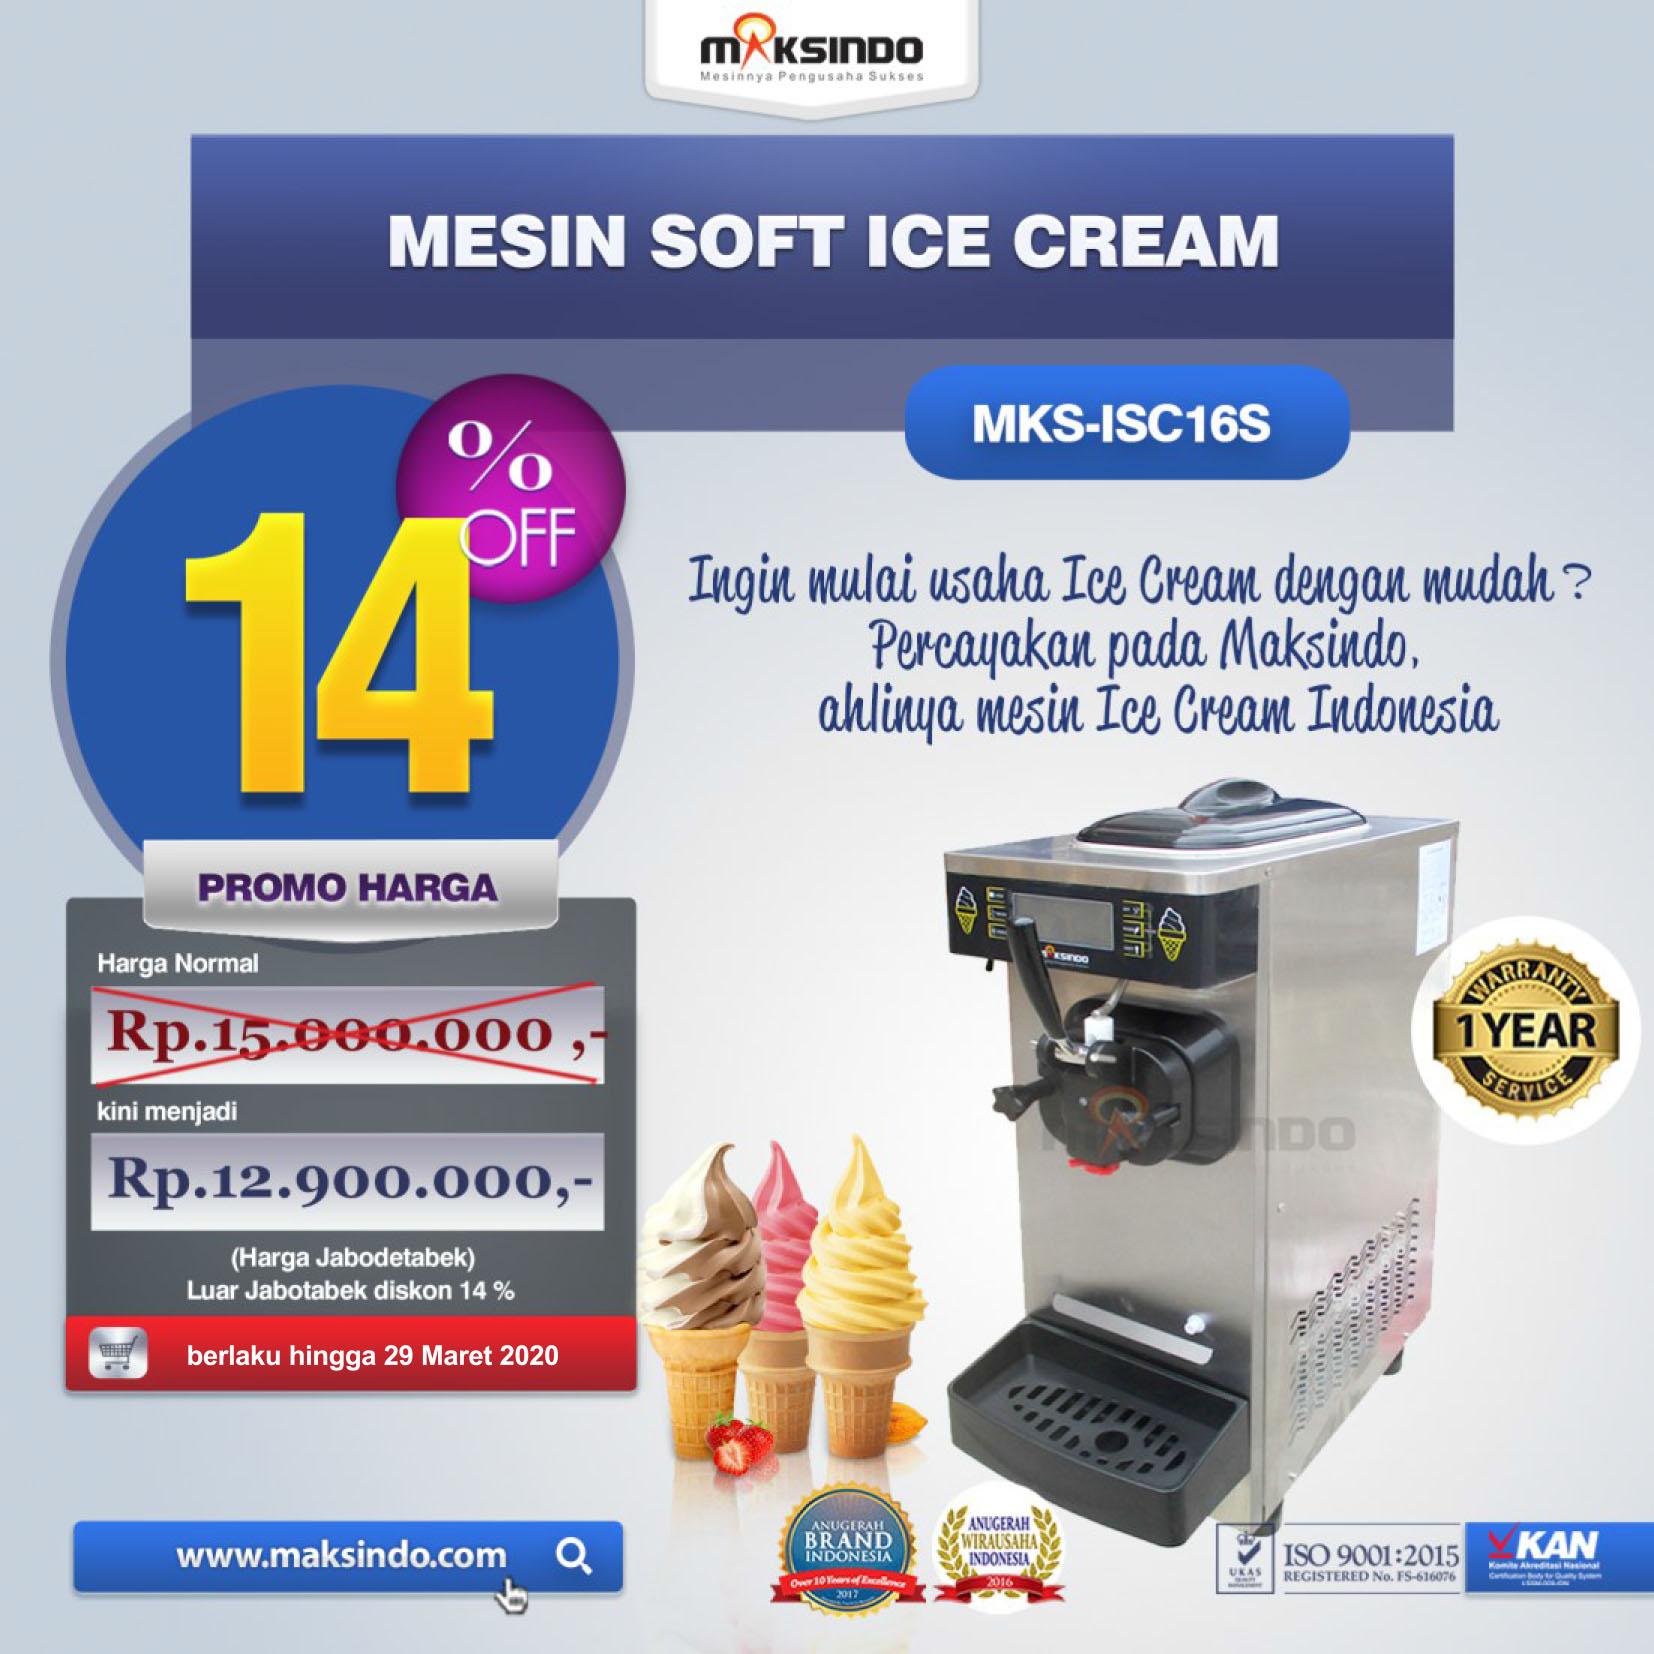 Jual Mesin Soft Ice Cream ISC-16S Di Pekanbaru